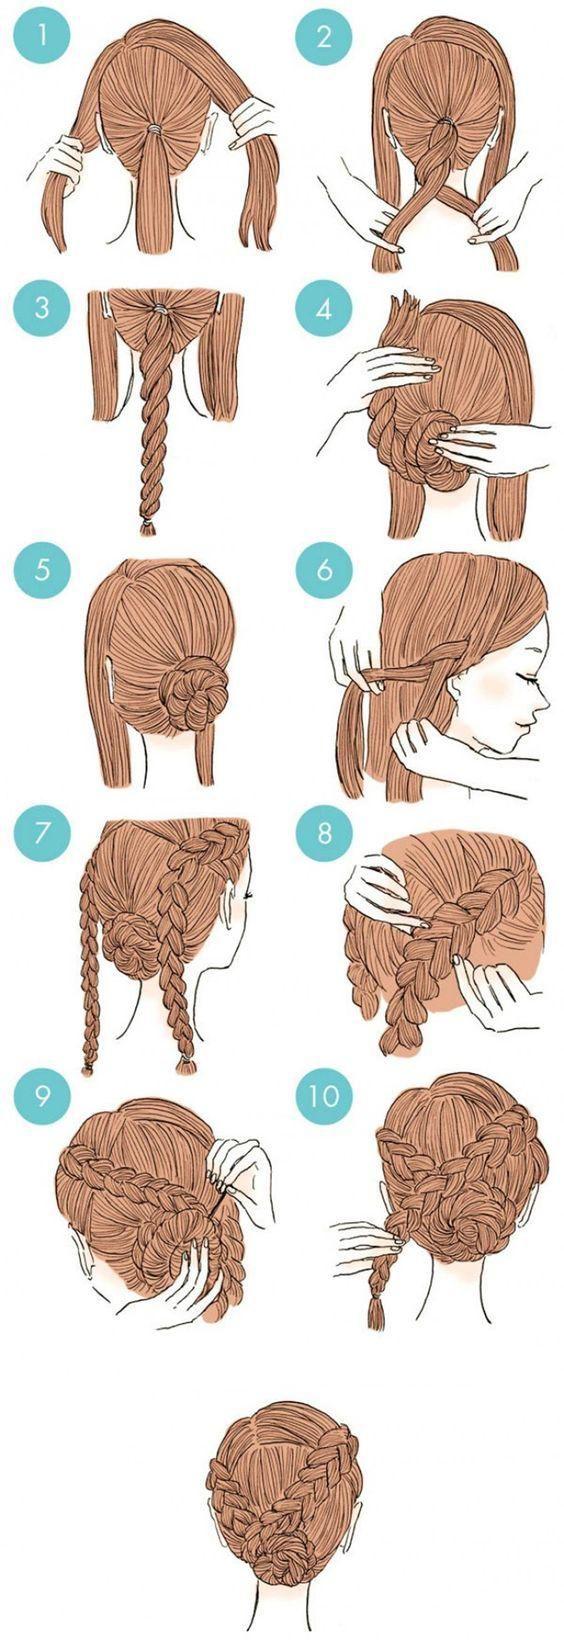 Instrucciones simples de peinado trenzado. Cortar una sección de cabello en la parte frontal de la cabeza …